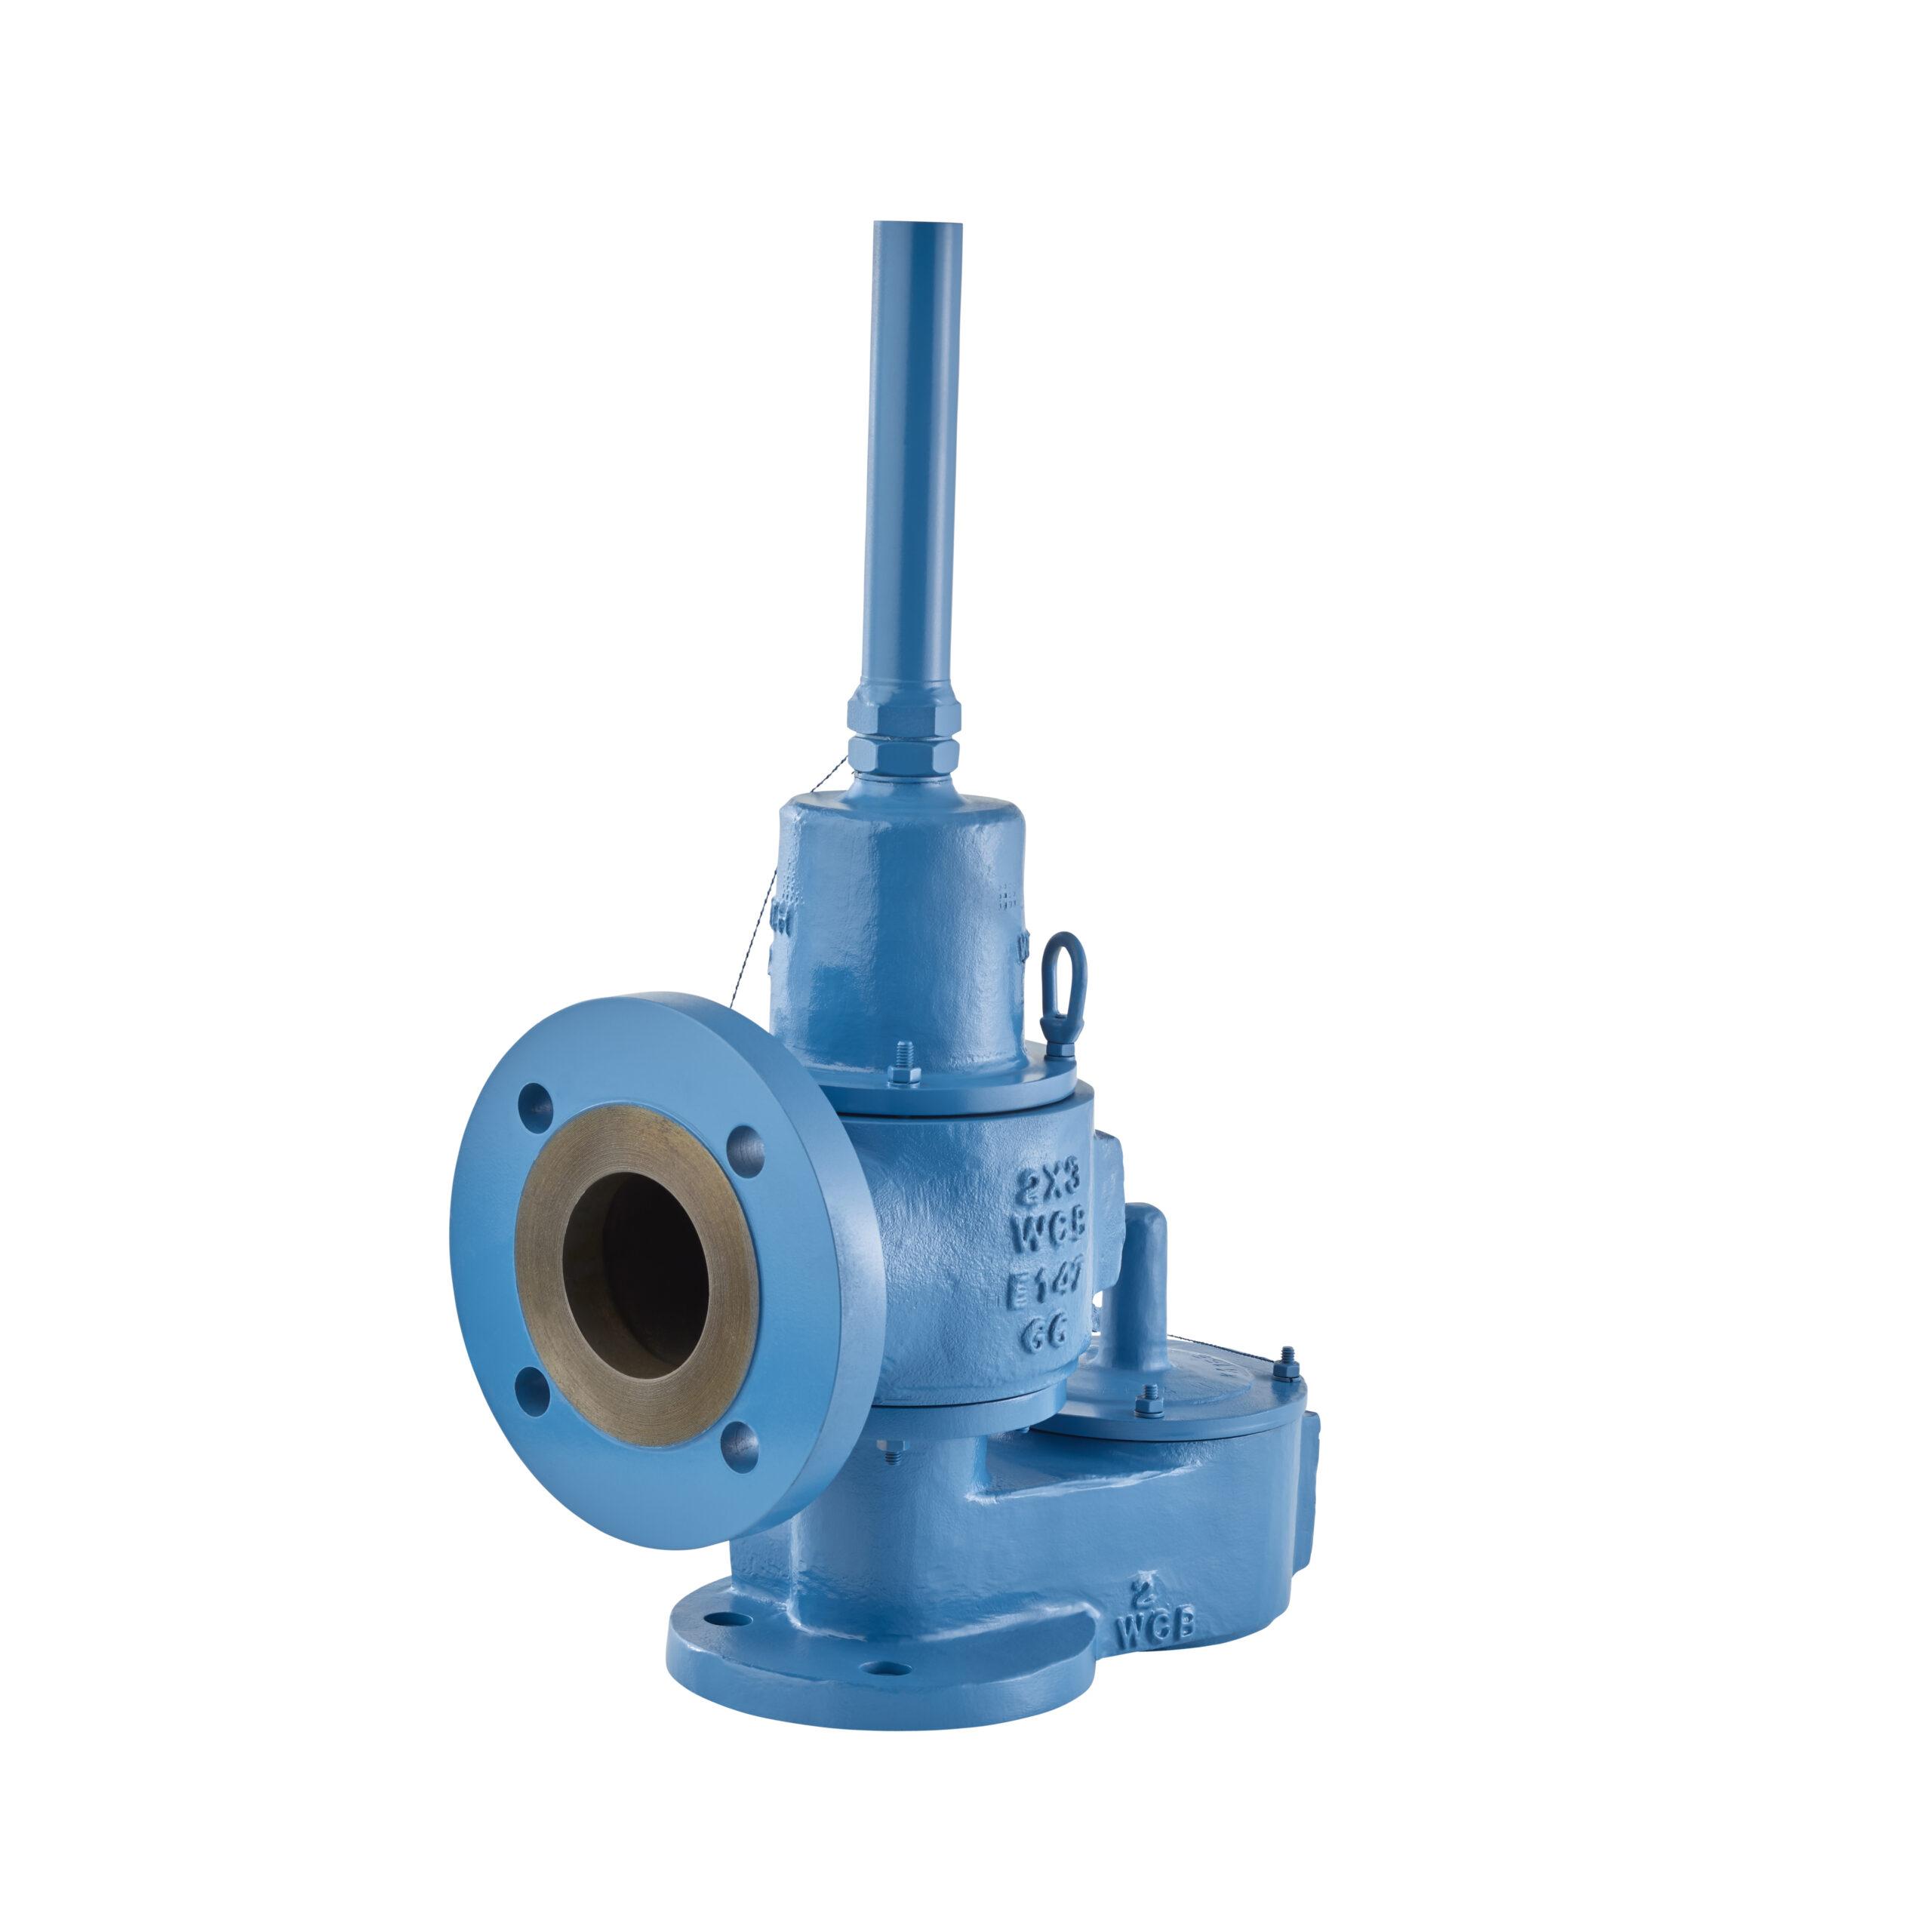 Pressure/Vacuum Relief Valve L1201B